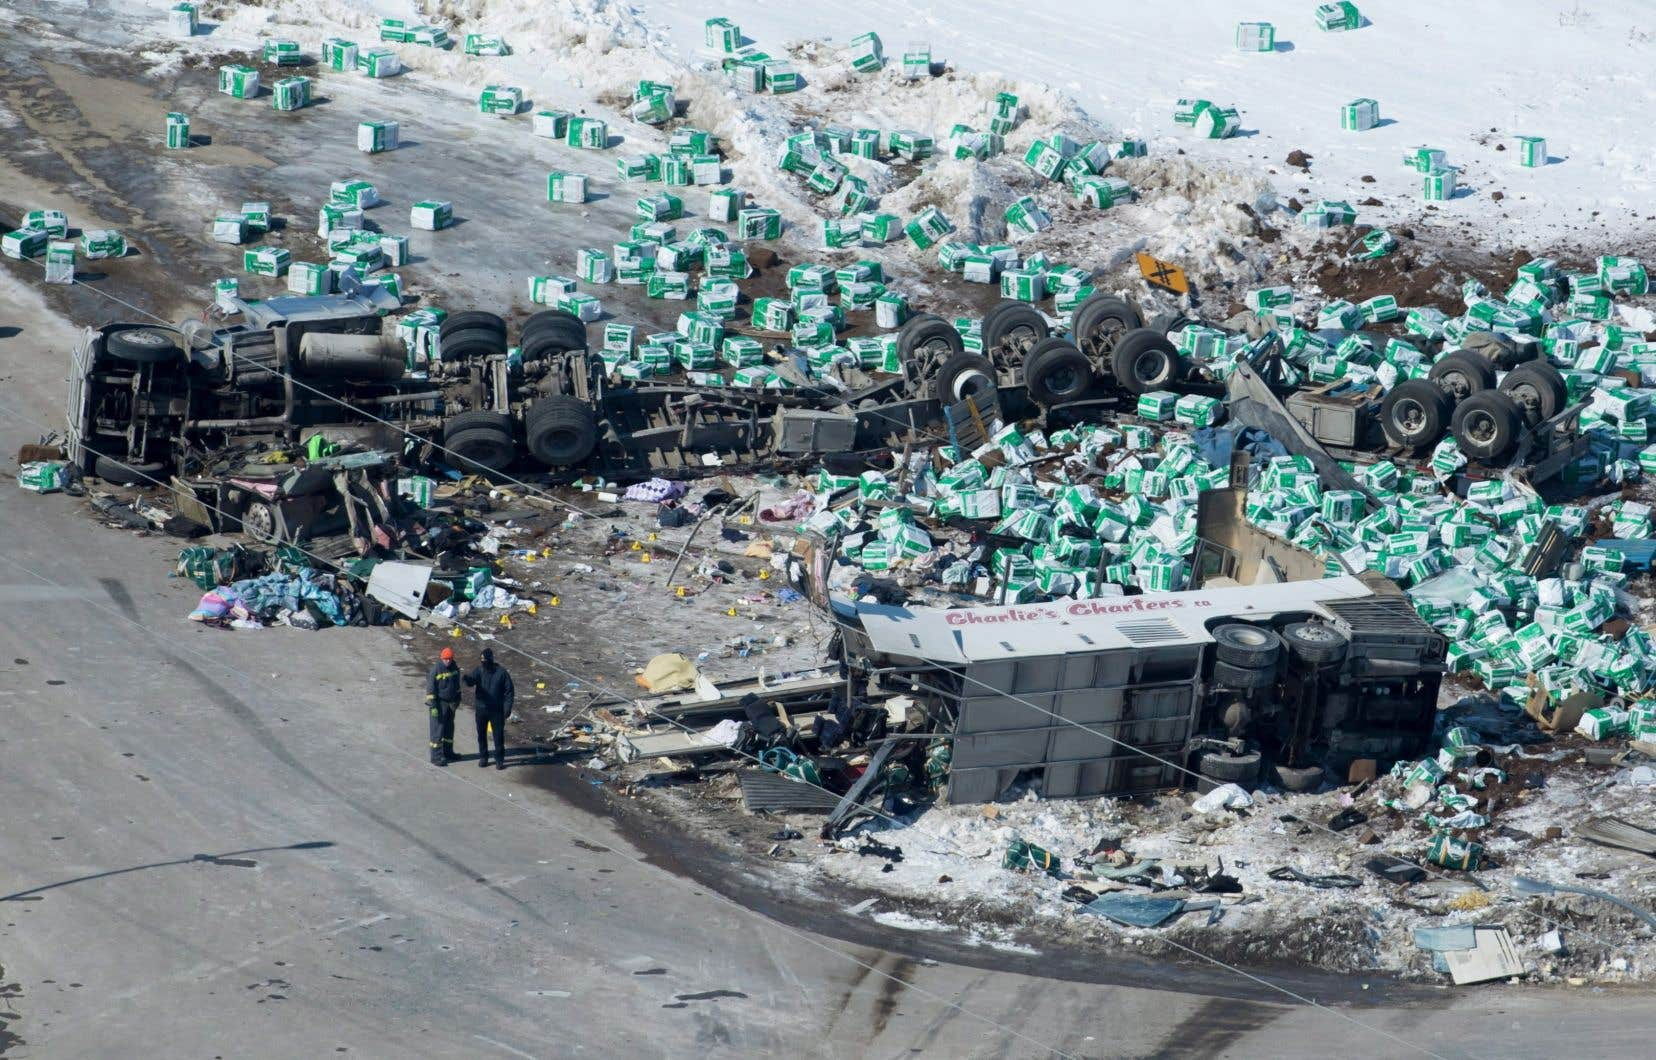 <p>Le chauffeur du camion n'avait pas été blessé dans la collision, qui a fait16 mortset 13 blessés.</p>